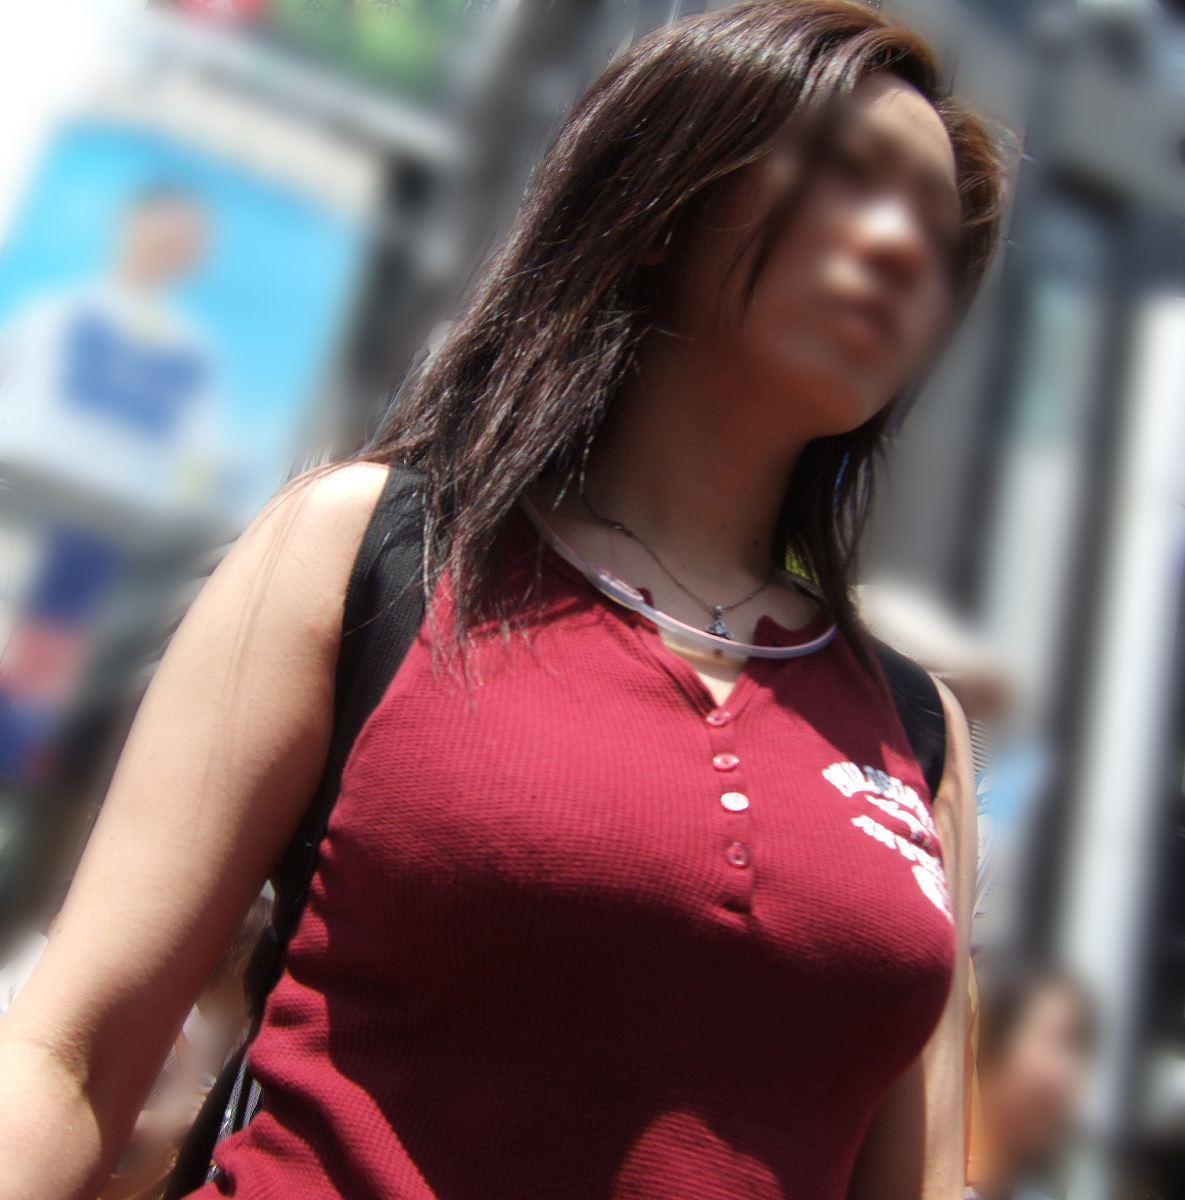 【おっぱい】服の上からでもわかってしまう巨乳な素人さんの街撮り画像【39枚】 24